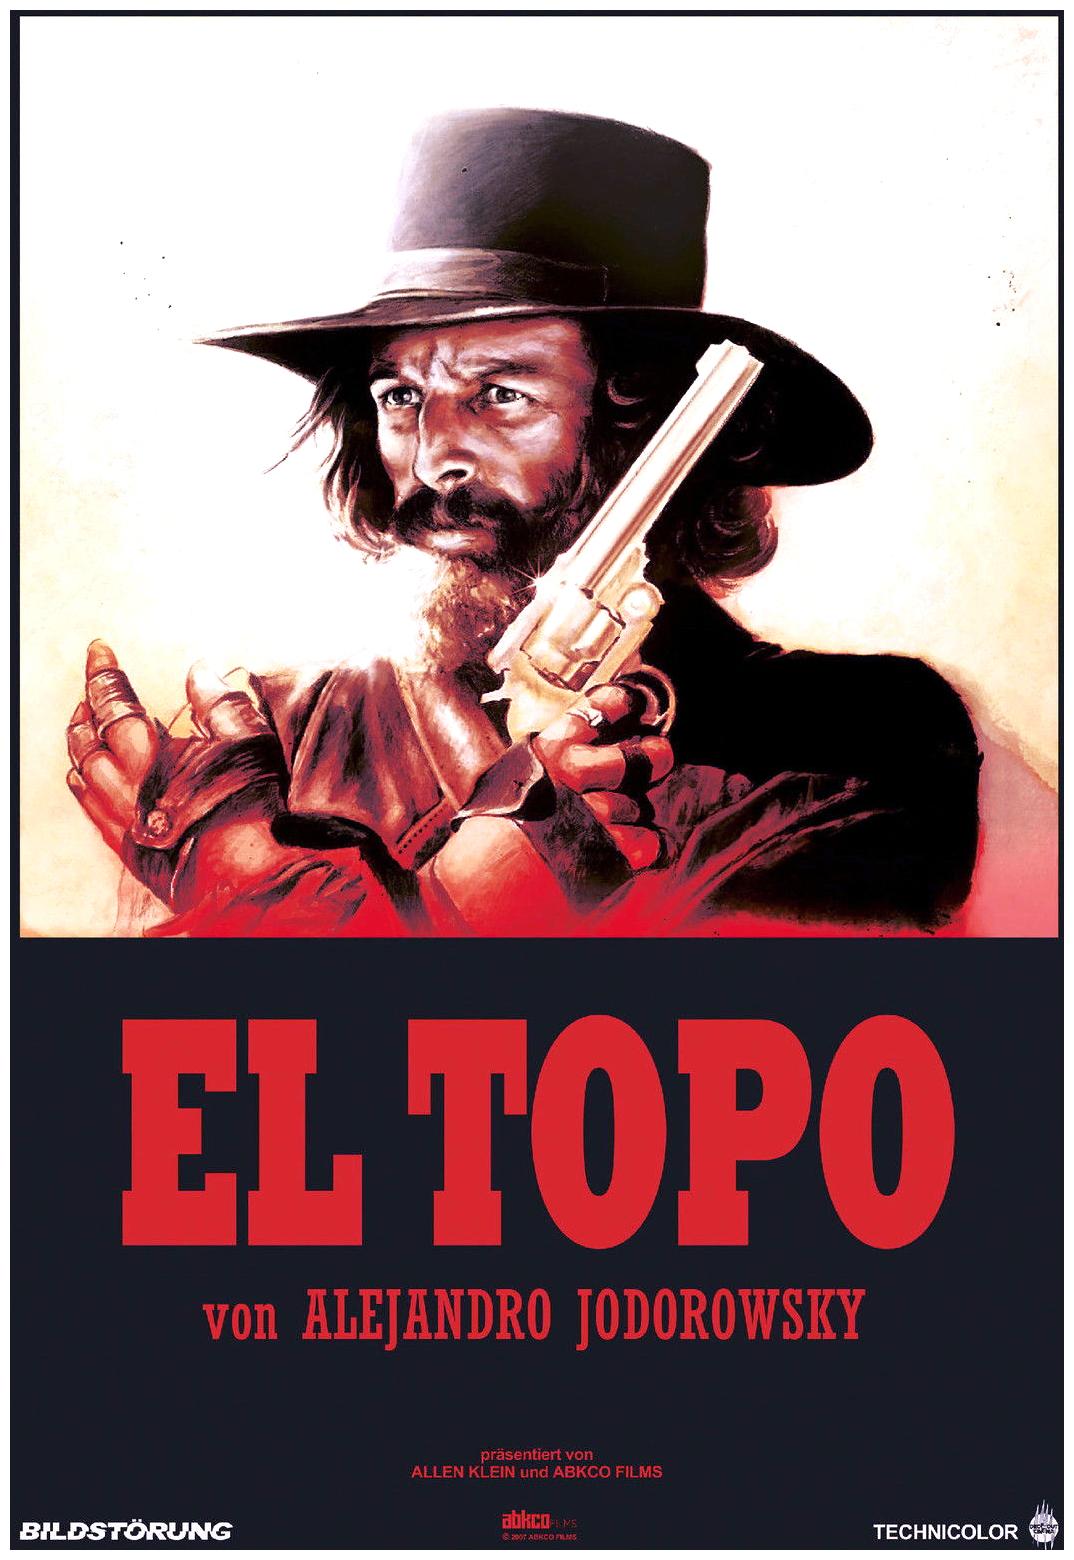 El Topo poster 1